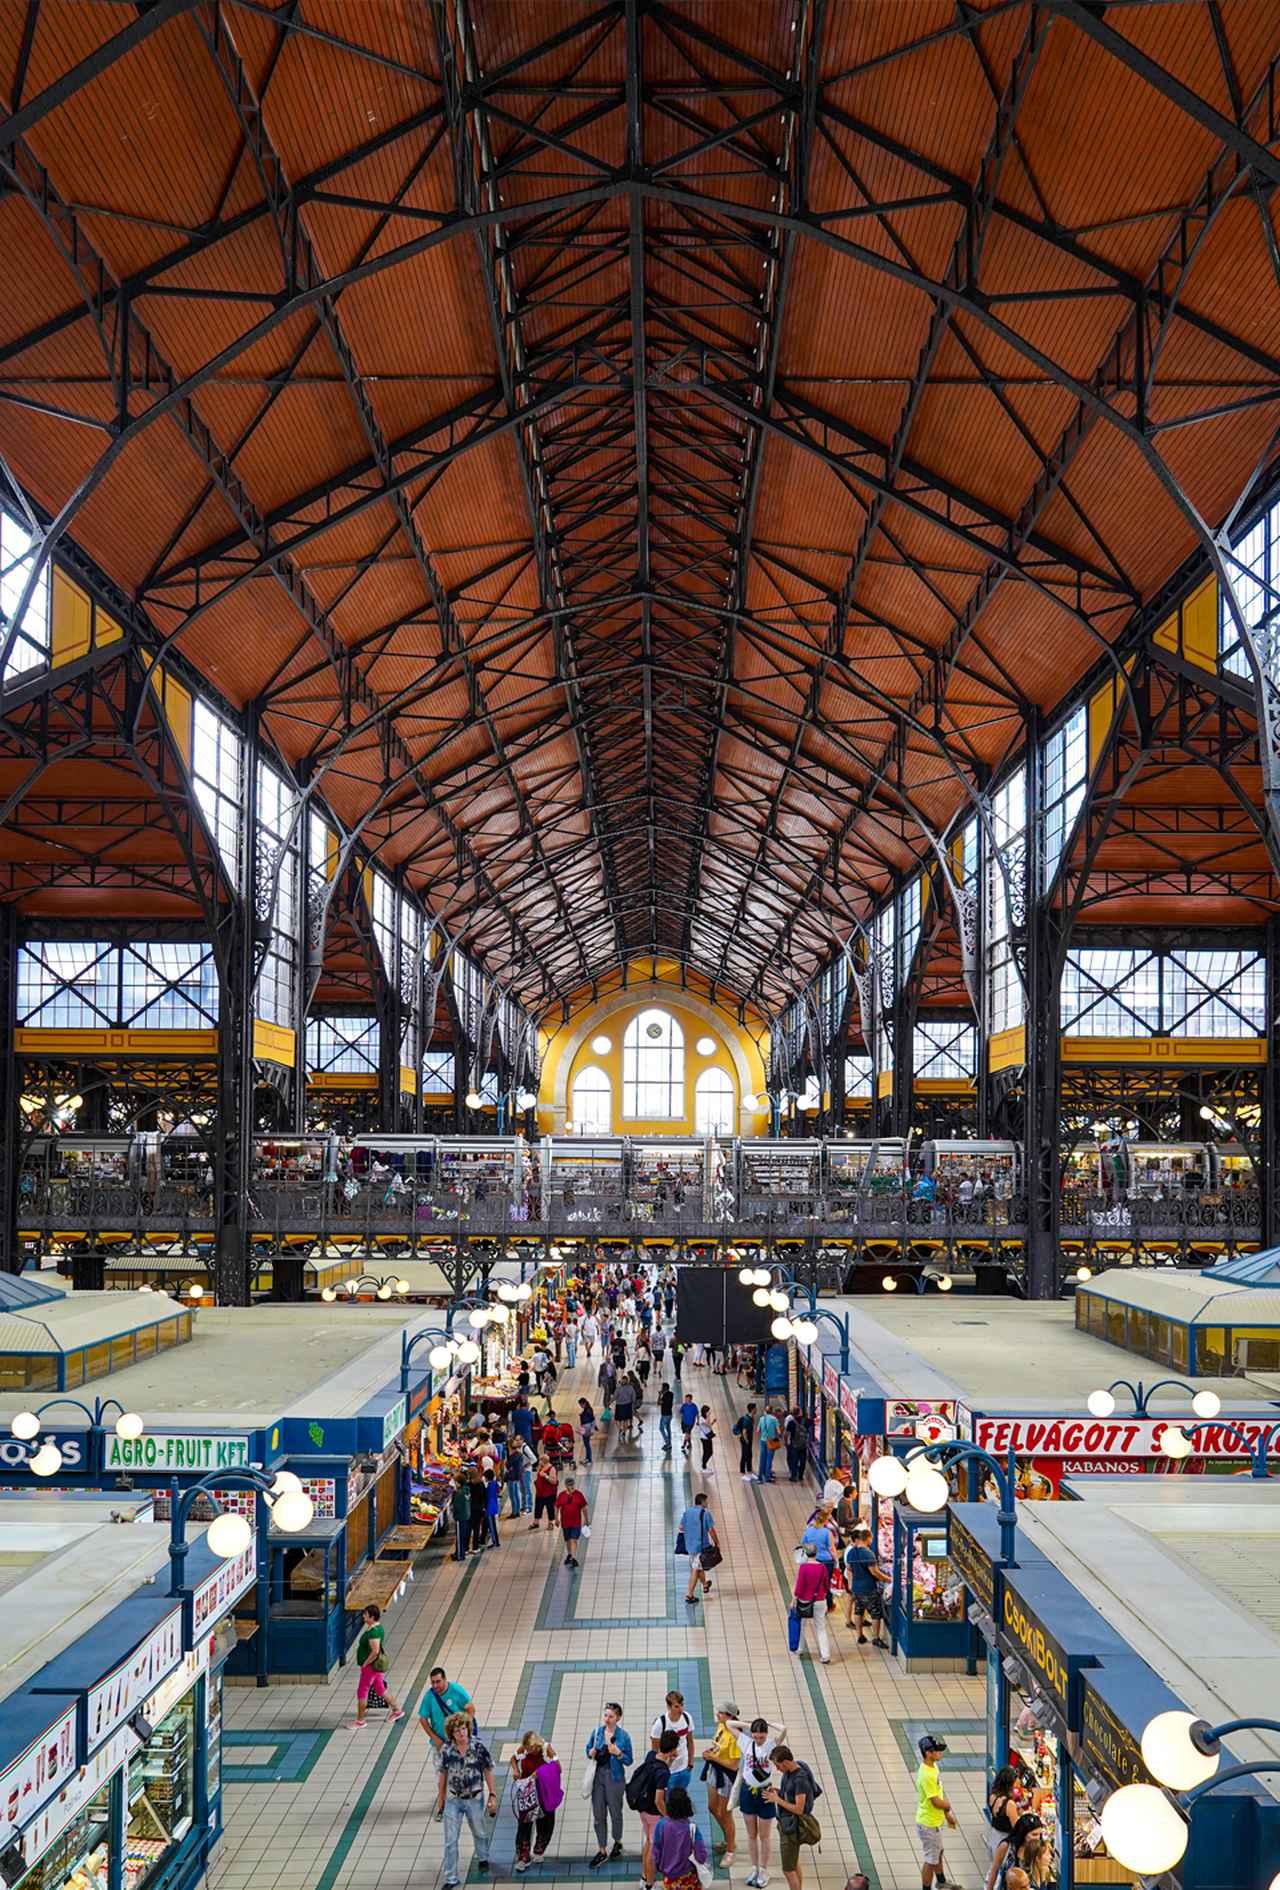 Images : ブダペスト中央市場